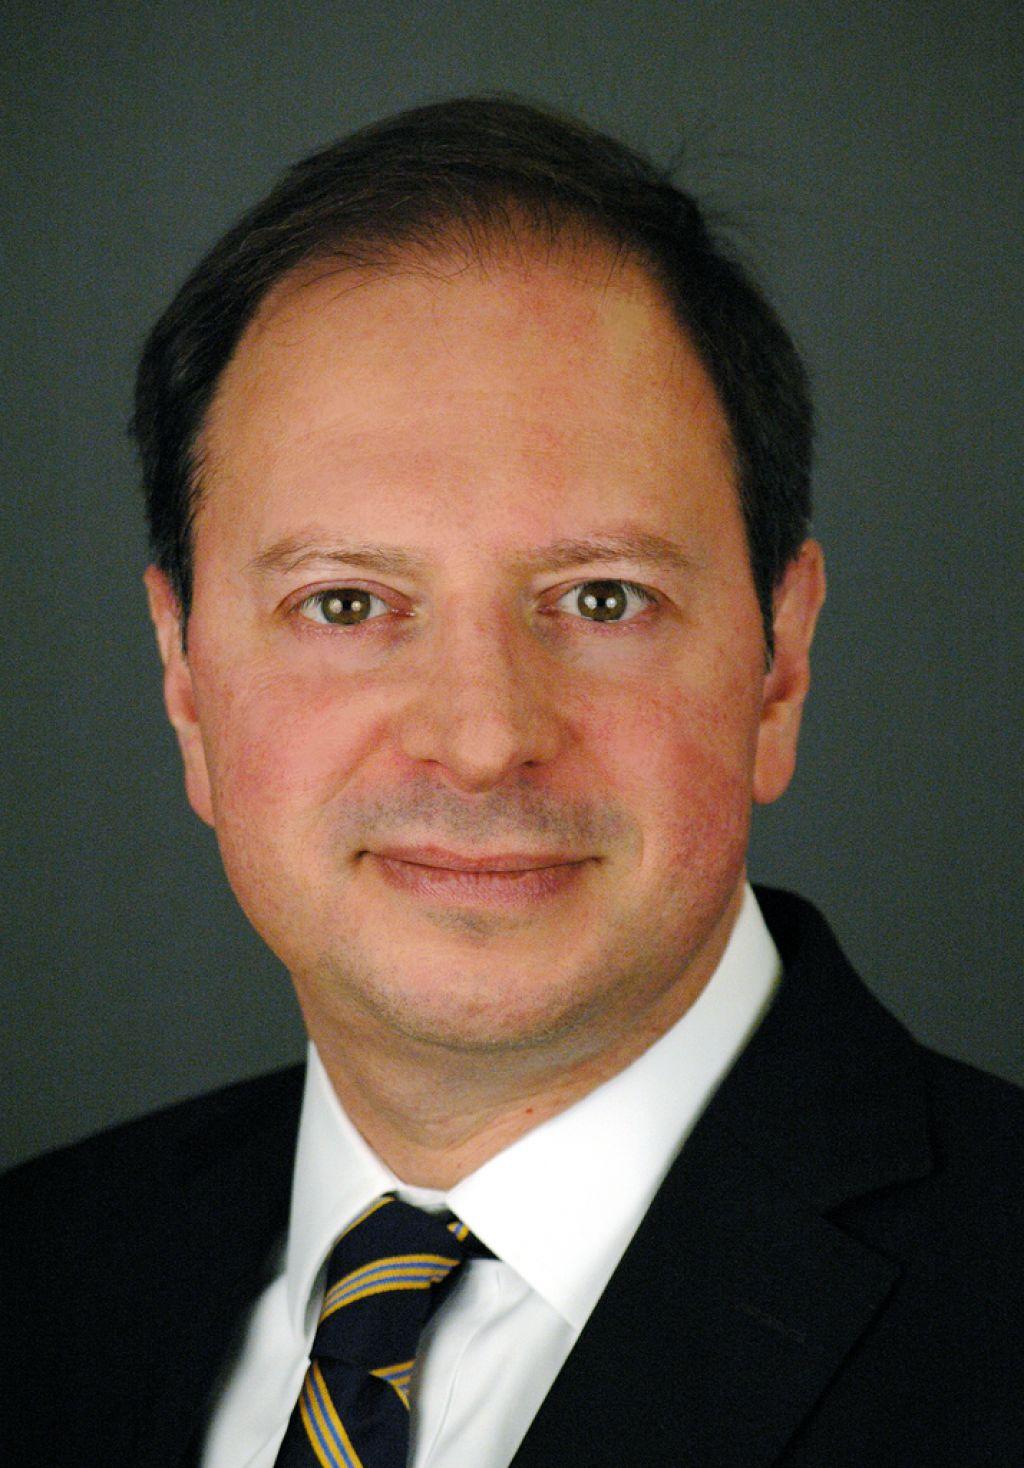 Grčija bo bankrotirala najpozneje marca 2012